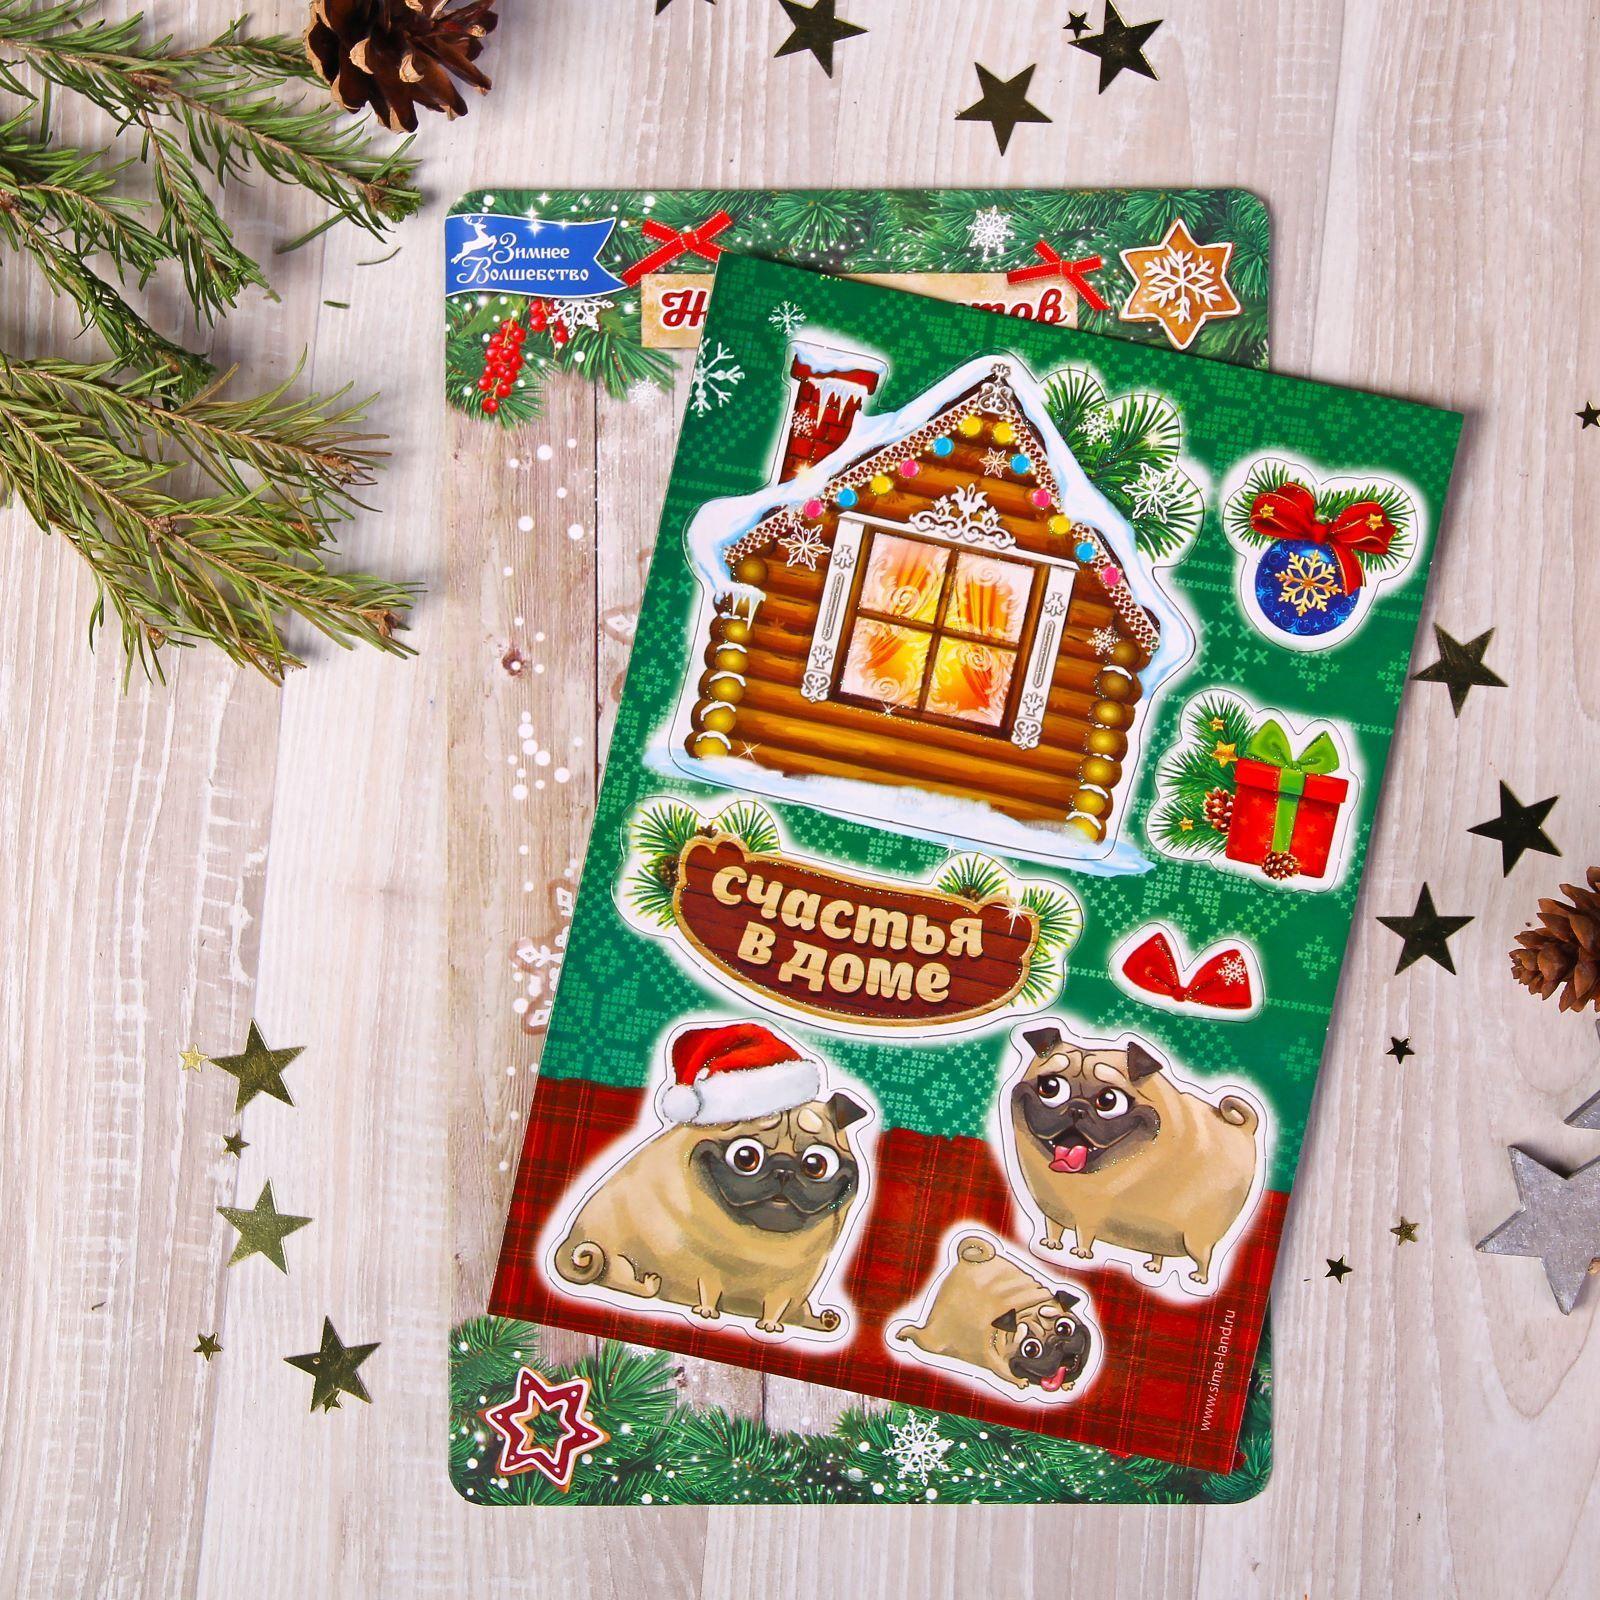 Набор магнитов Sima-land Счастья в доме, 14,8 х 21 см2196151Порадуйте родных и близких оригинальным сувениром: преподнесите в подарок магнит. С ним даже самый серьёзный человек почувствует себя ребёнком, ожидающим чудо! Создайте праздничное настроение, и оно останется с вами на весь год.